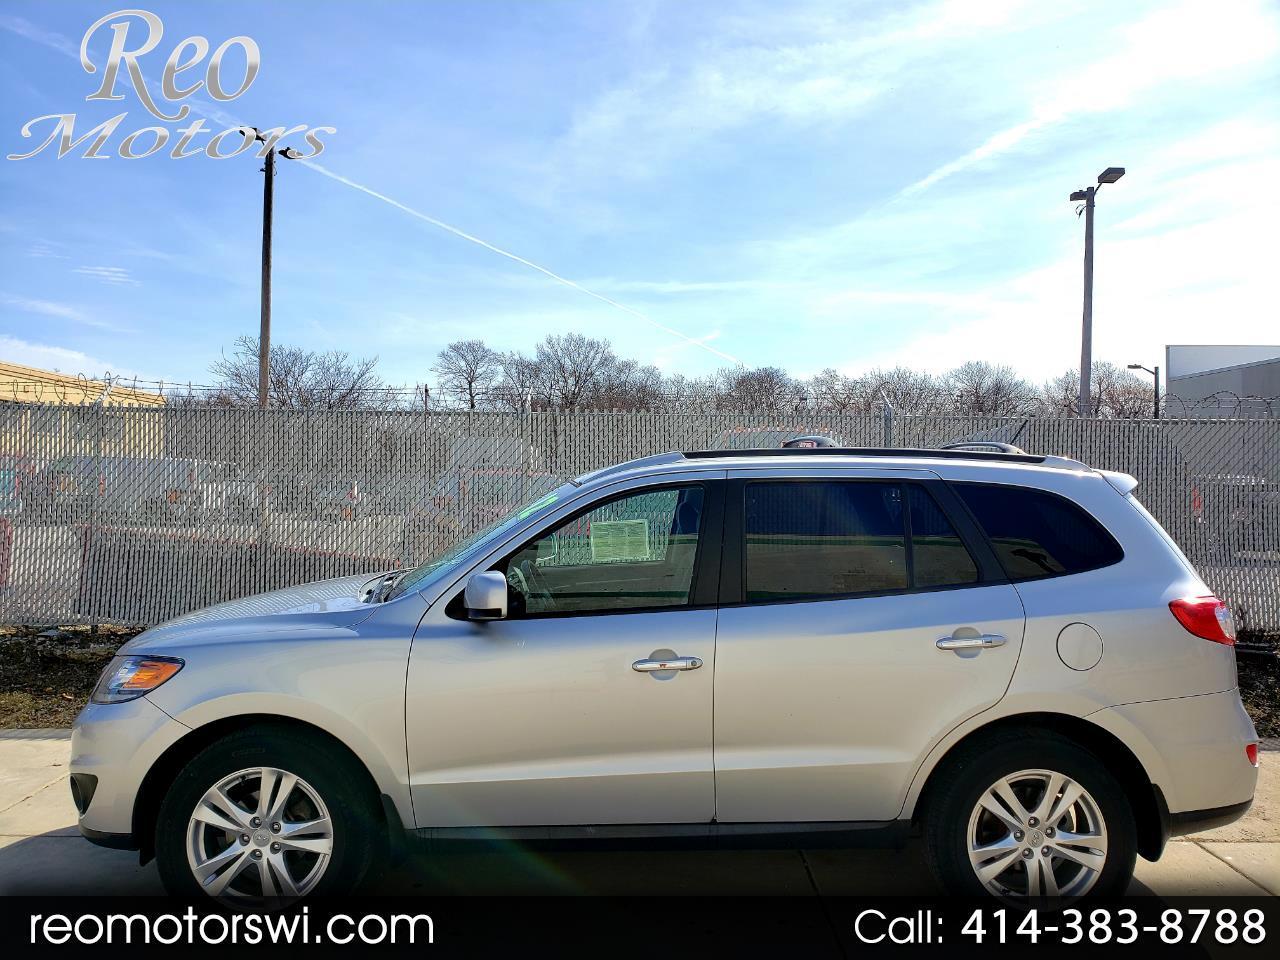 2012 Hyundai Santa Fe Limited 3.5 FWD